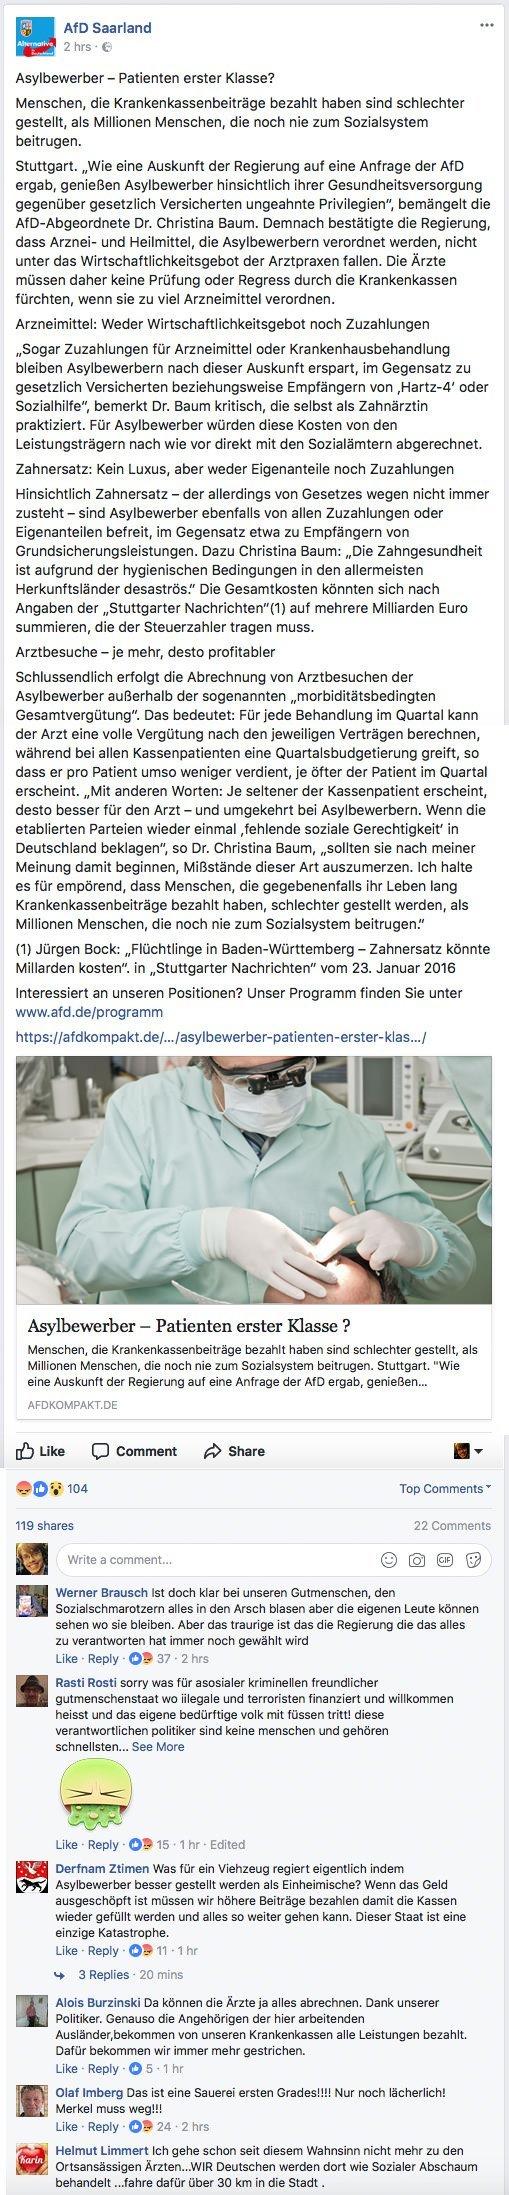 Gesundheitsversorgung Flüchtlinge Facebook Afd.jpg